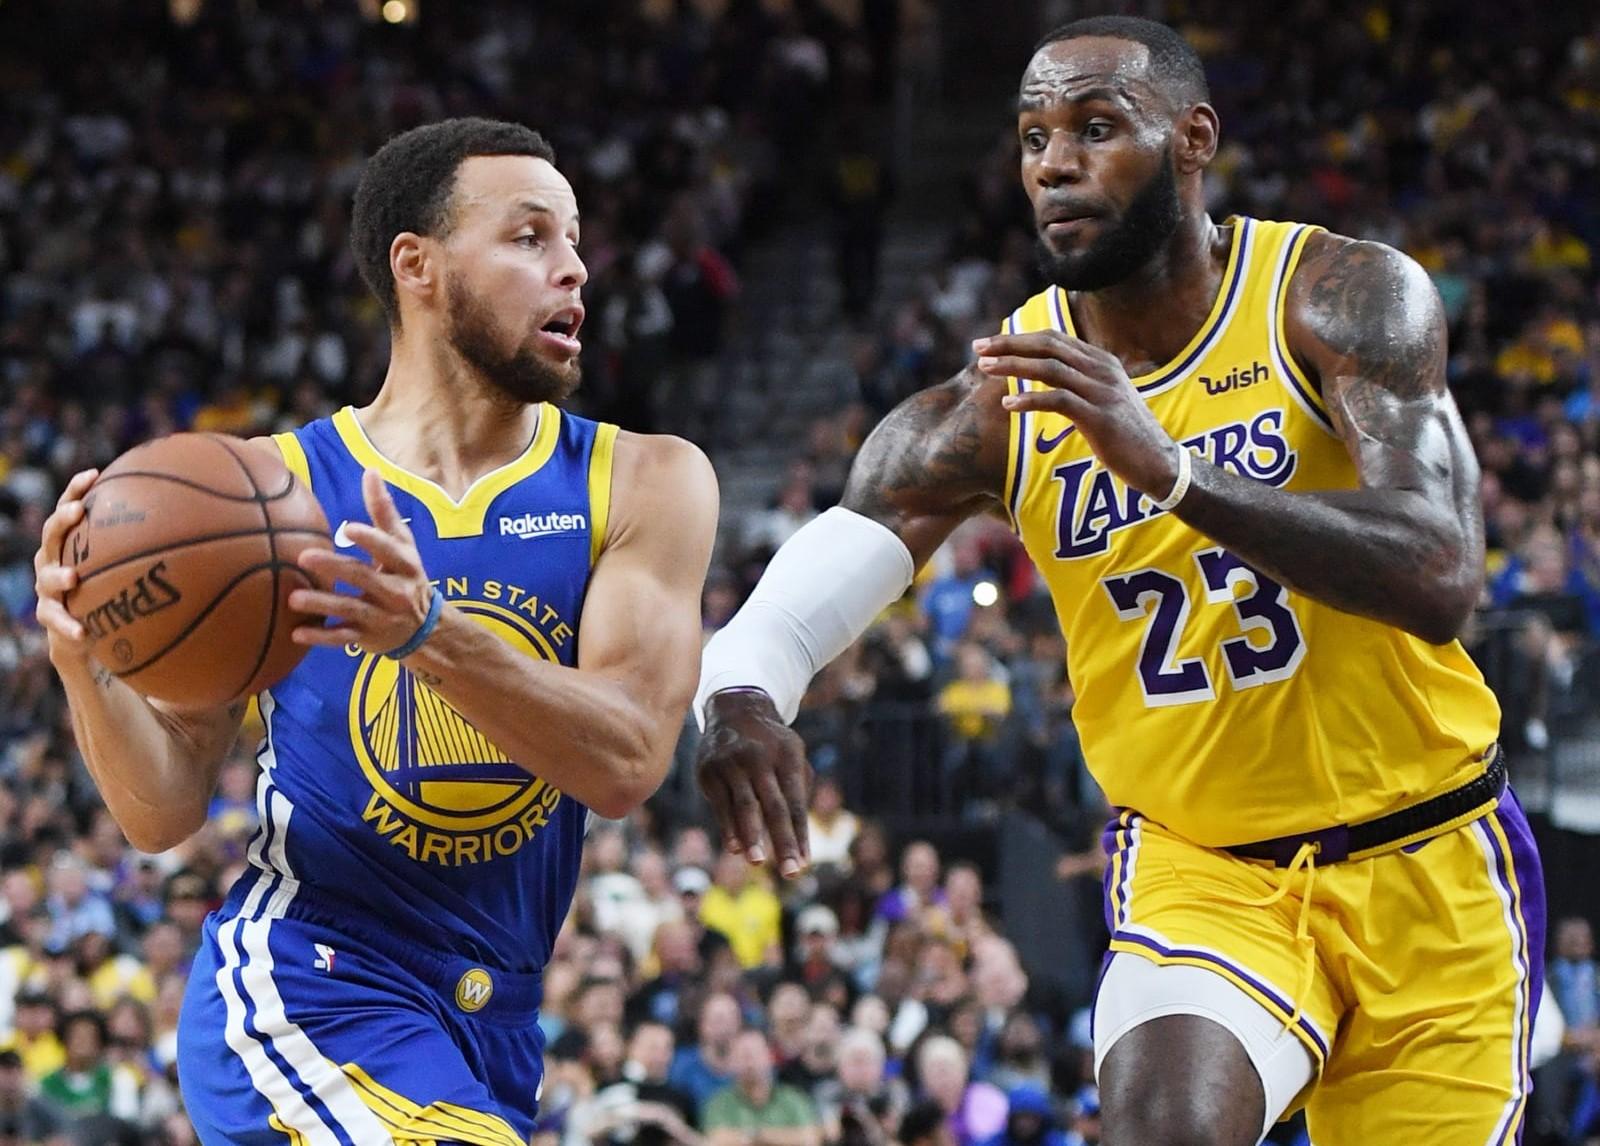 بسکتبال NBA / لس آنجلس لیکرز / گلدن استیت وریرز